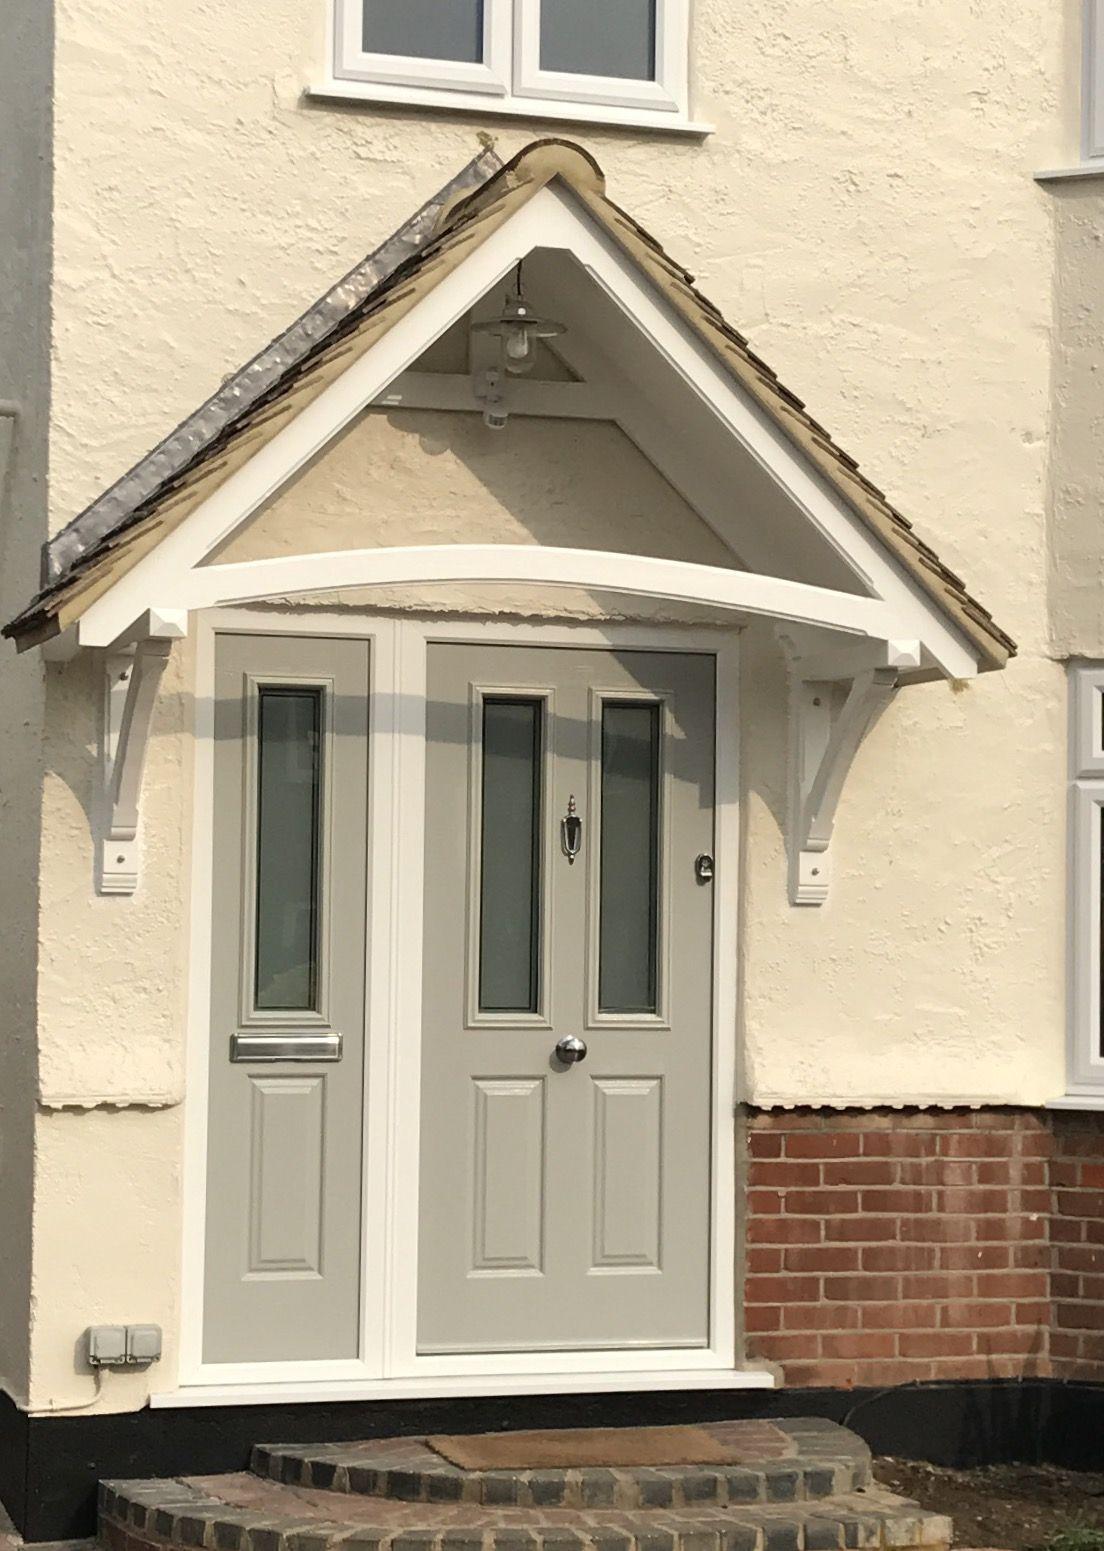 Endurancedoor Pearlgrey Composite Sidepanel Frontdoor Canopy 1940s Semidetached Northweald Composite Front Door 1940s Home Front Door